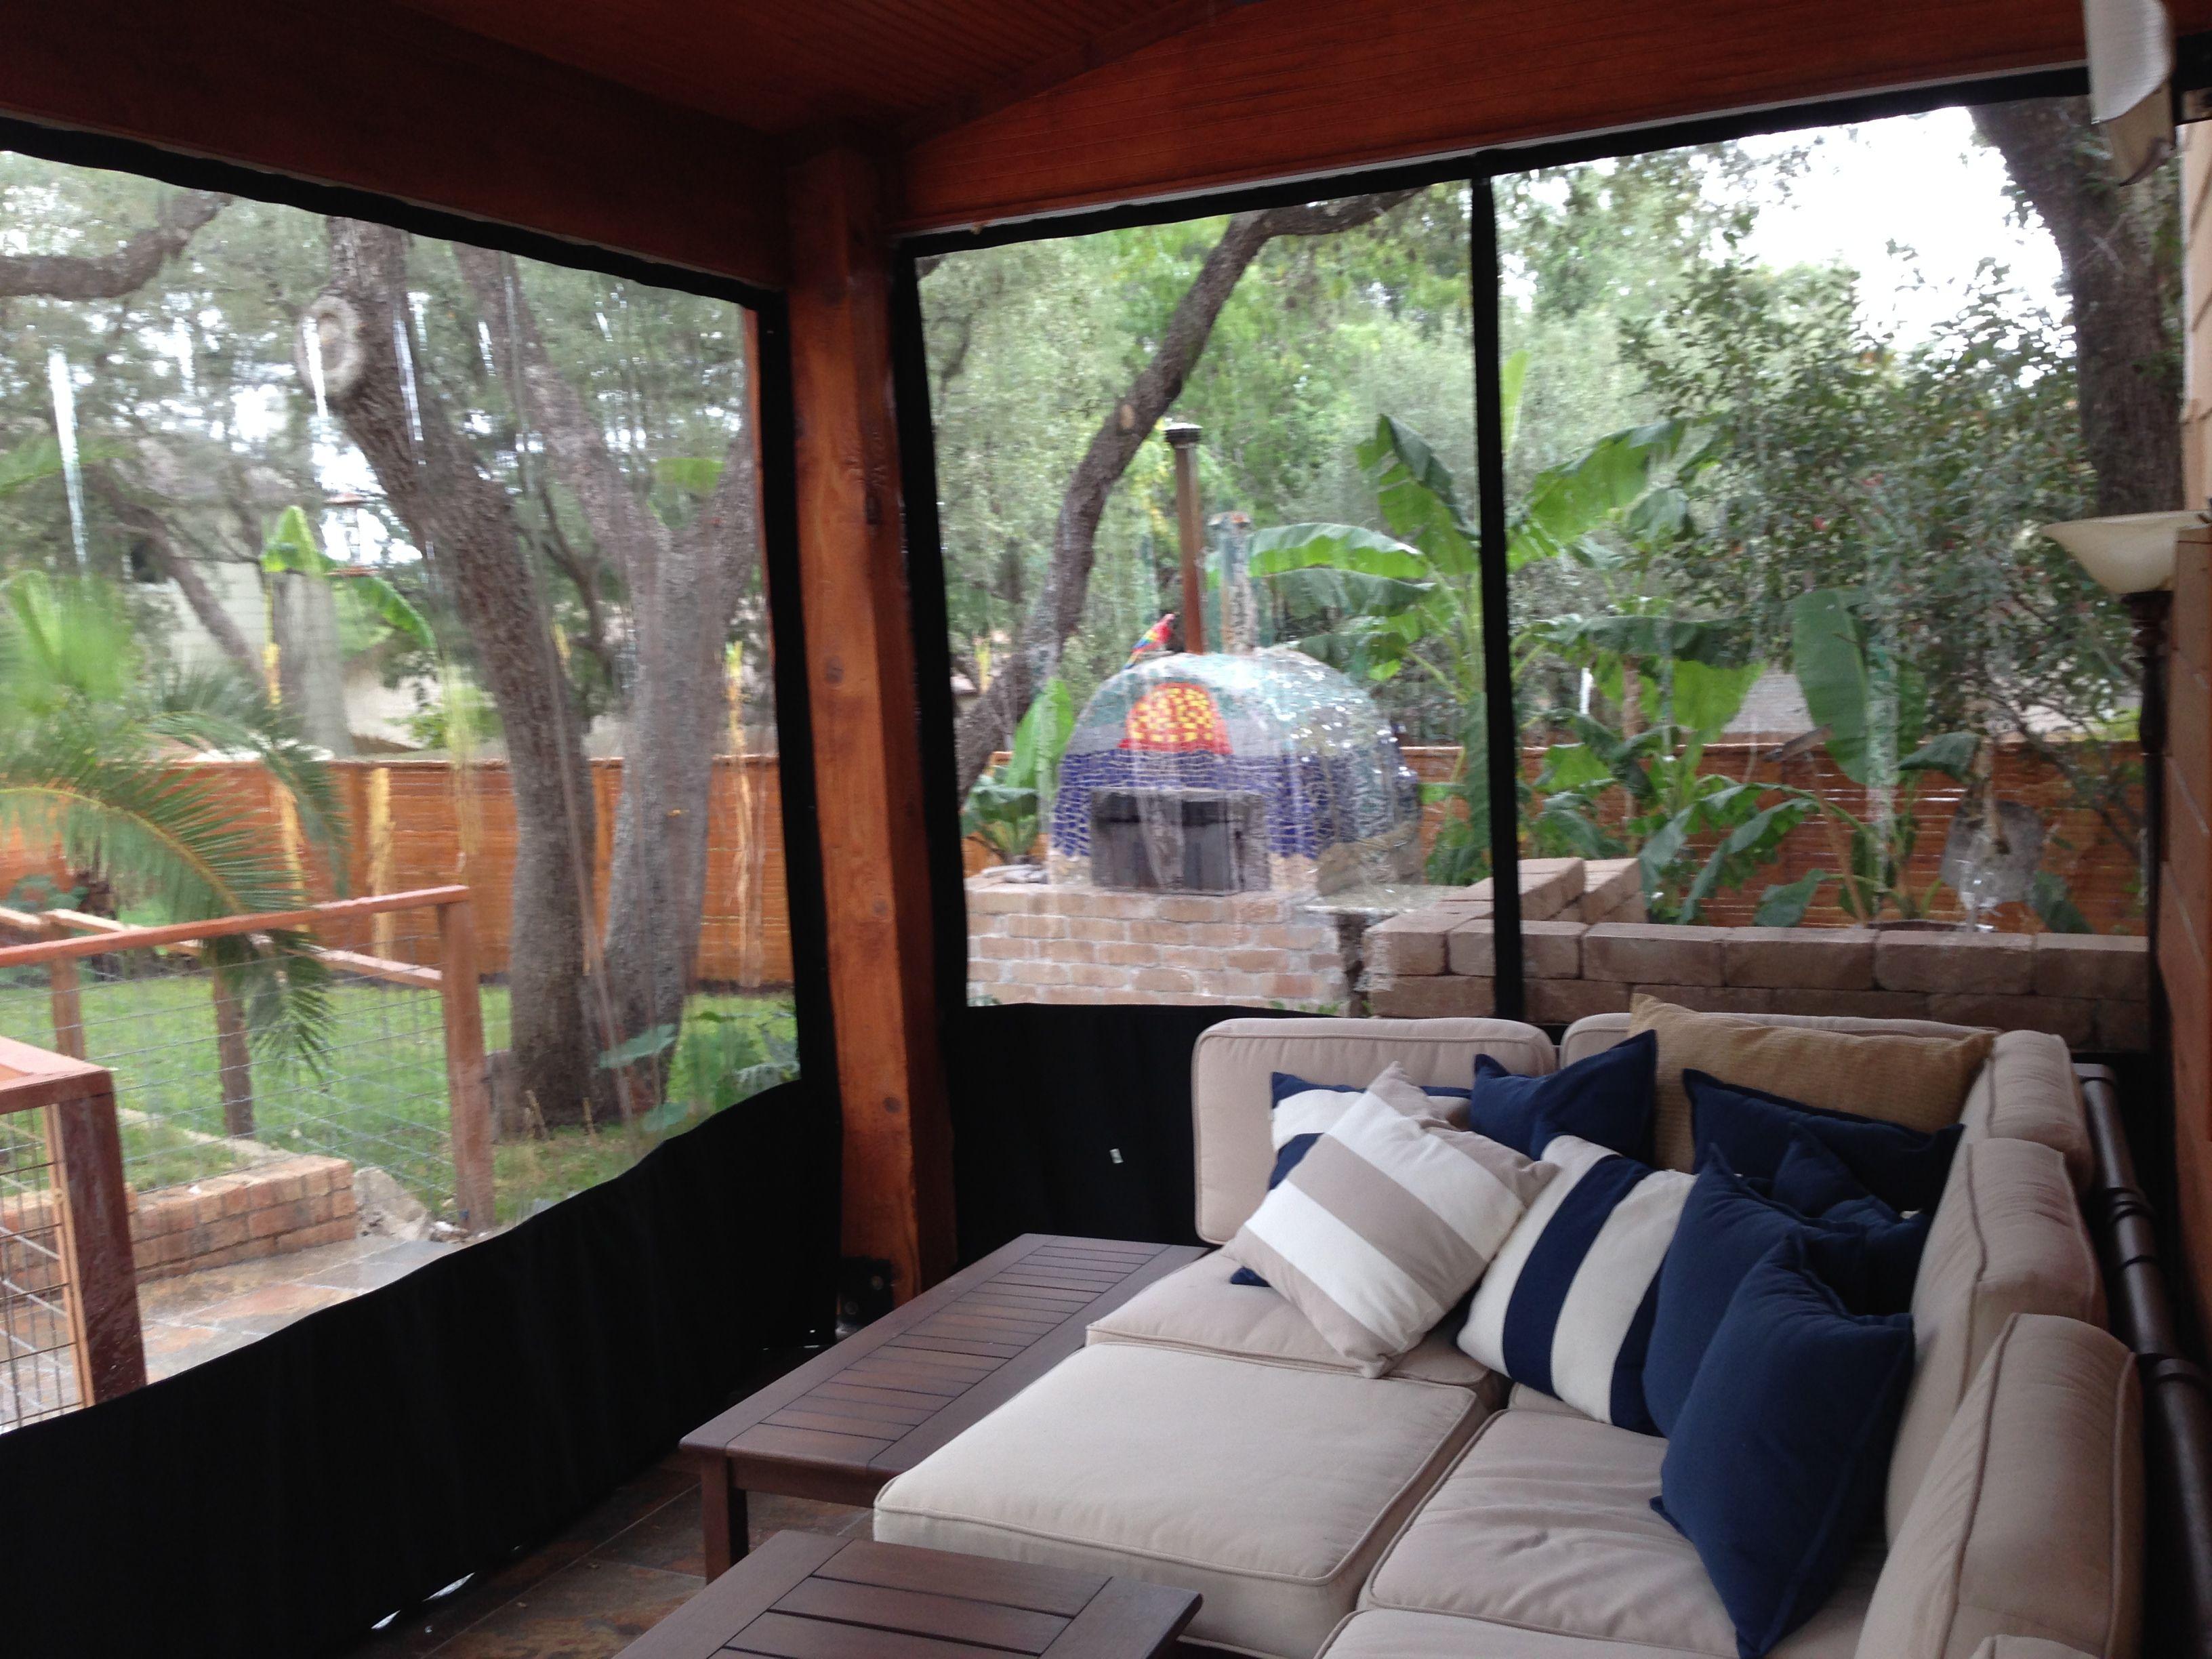 Custom Outdoor Patio Enclosure For Winter | Patio ... on Backyard Patio Enclosure Ideas  id=60100